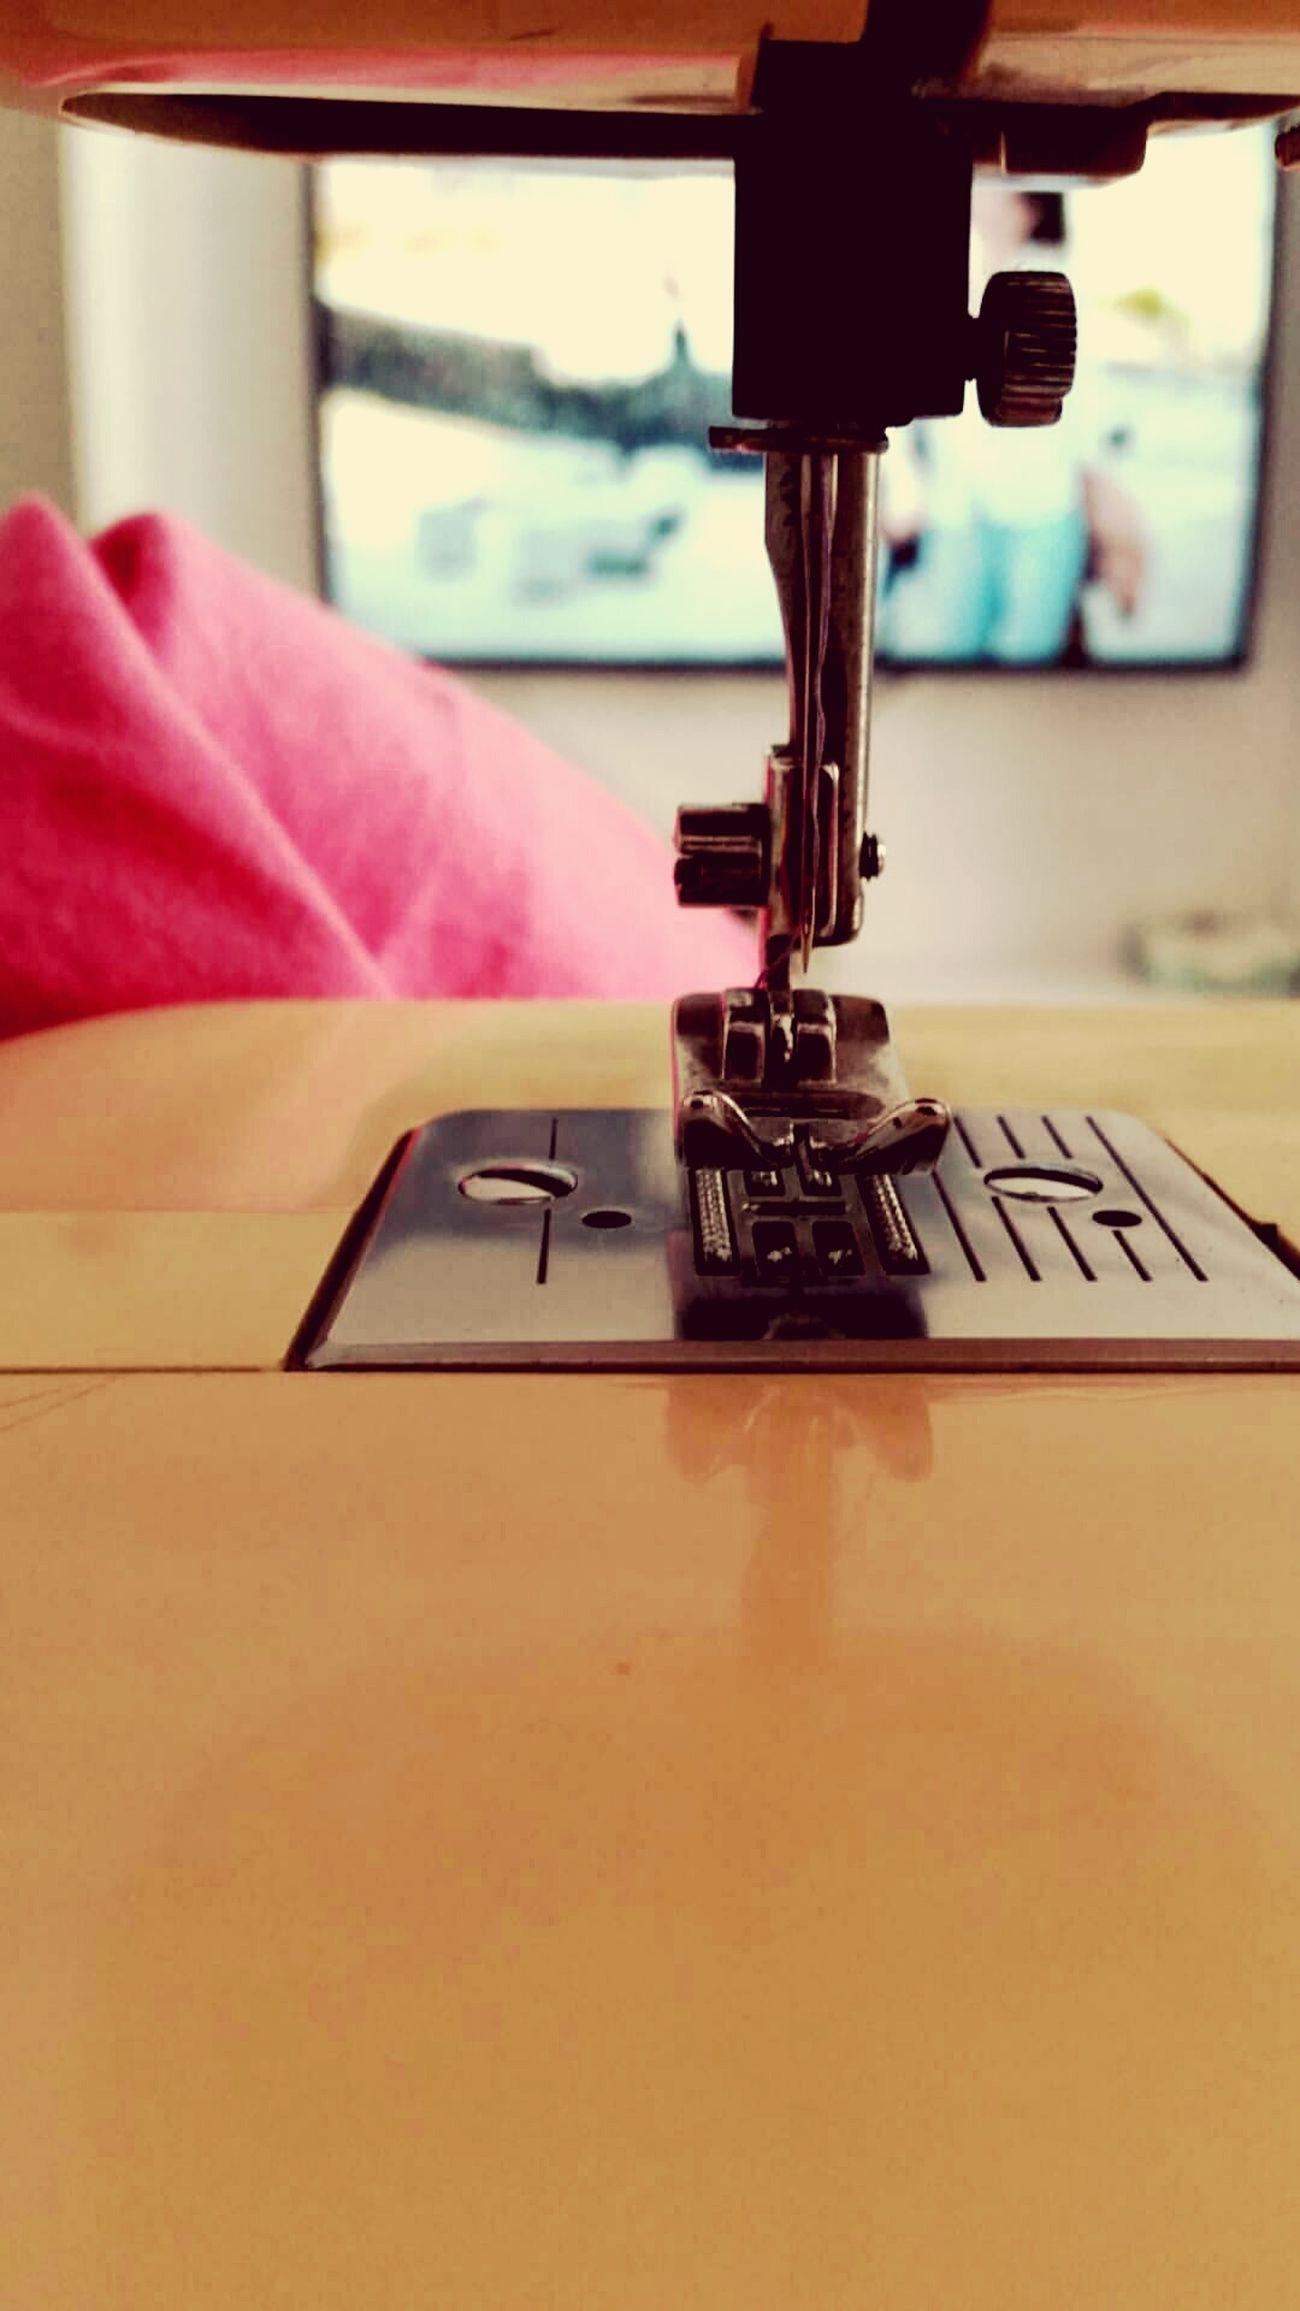 Dikis Dikişmakinesi Sewing Machine Textile Sewing Handmade Handmade By Me Handmadewithlove